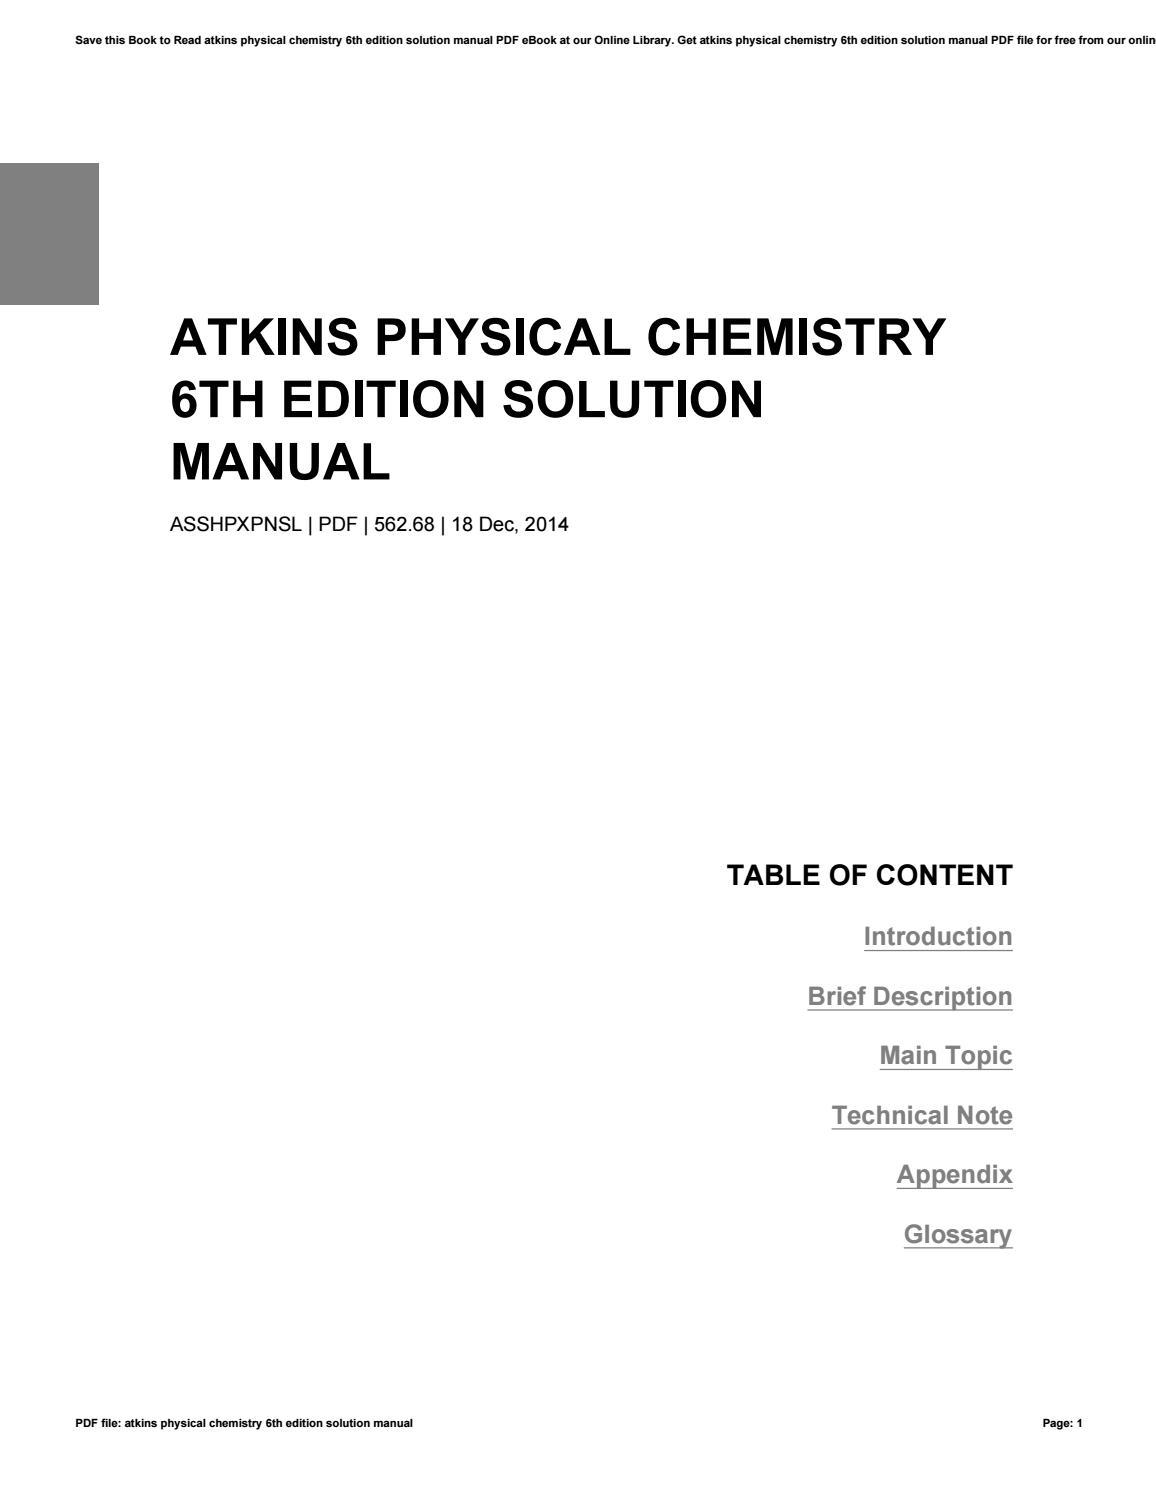 Chemistry Glossary Pdf